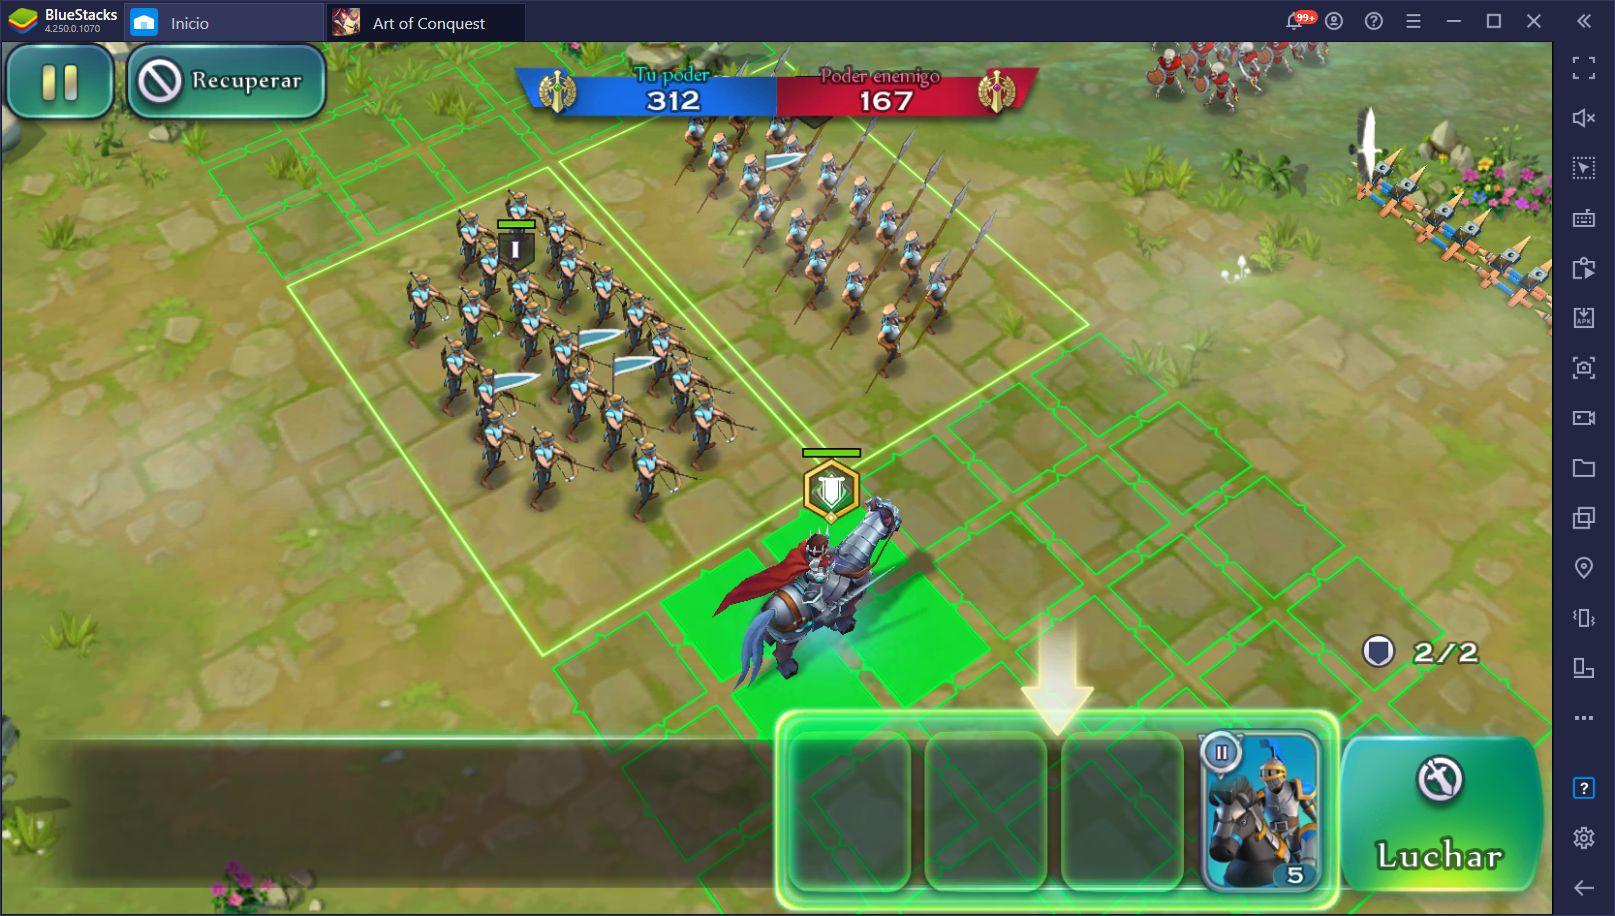 Cómo Jugar Art of Conquest en PC con BlueStacks